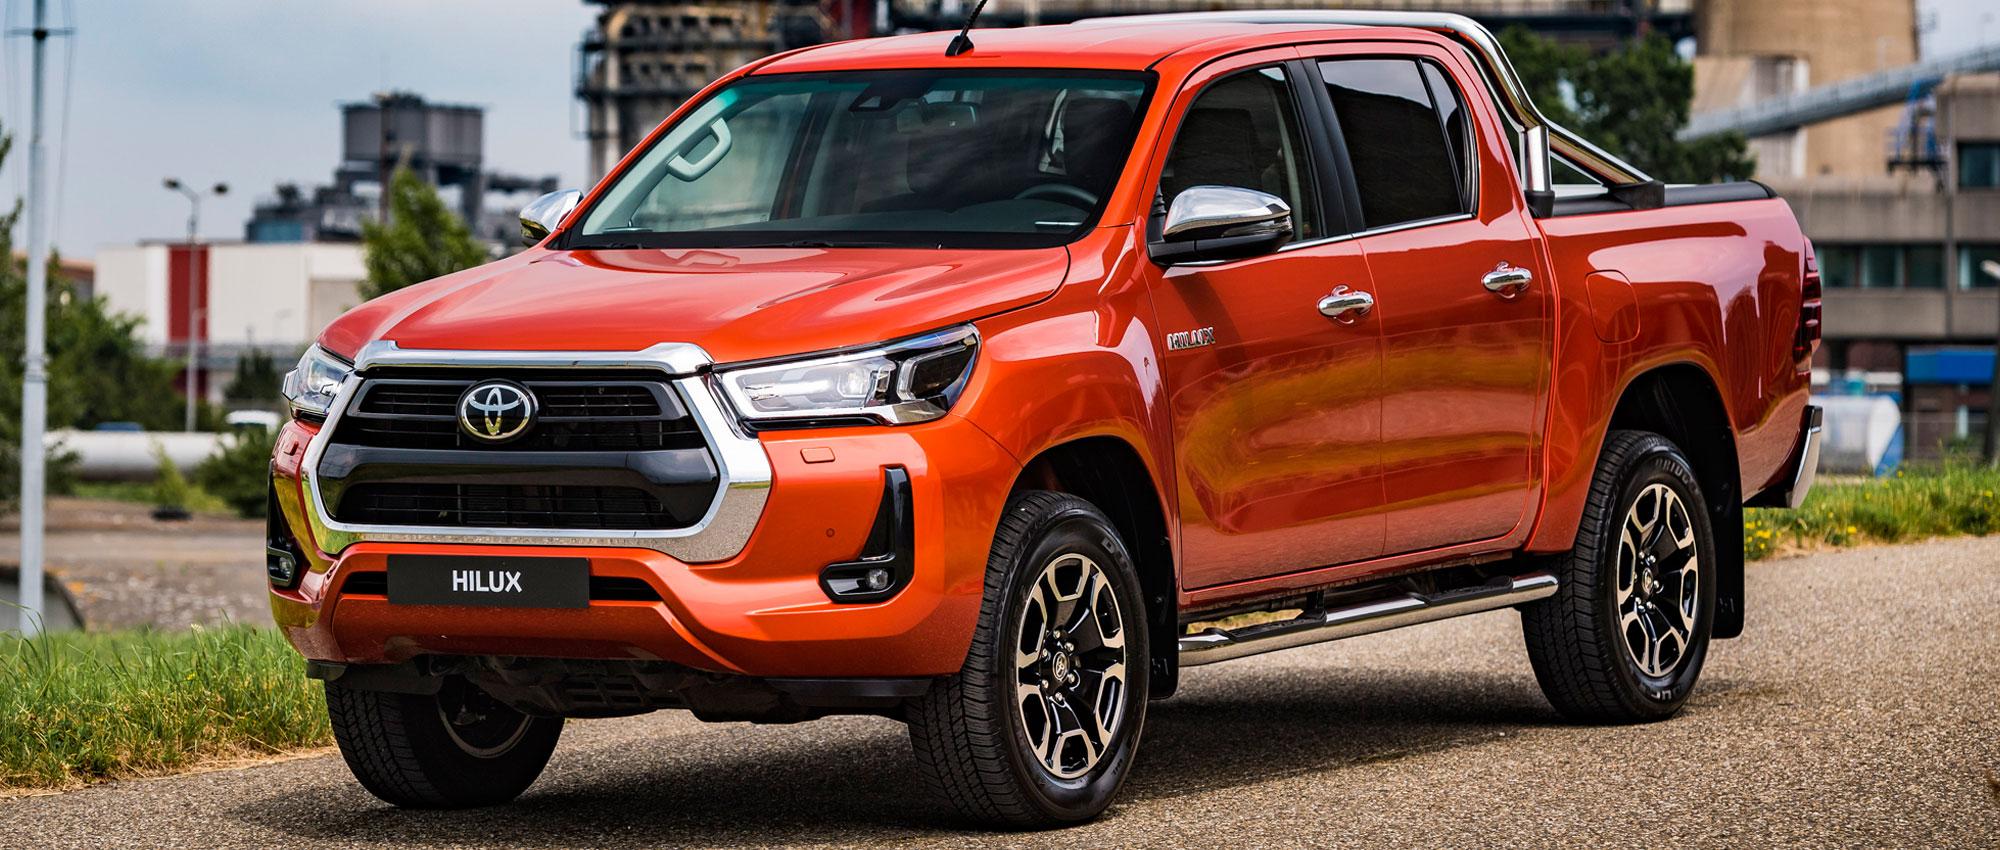 Toyota-hilux-nieuw-prijzen-bekend